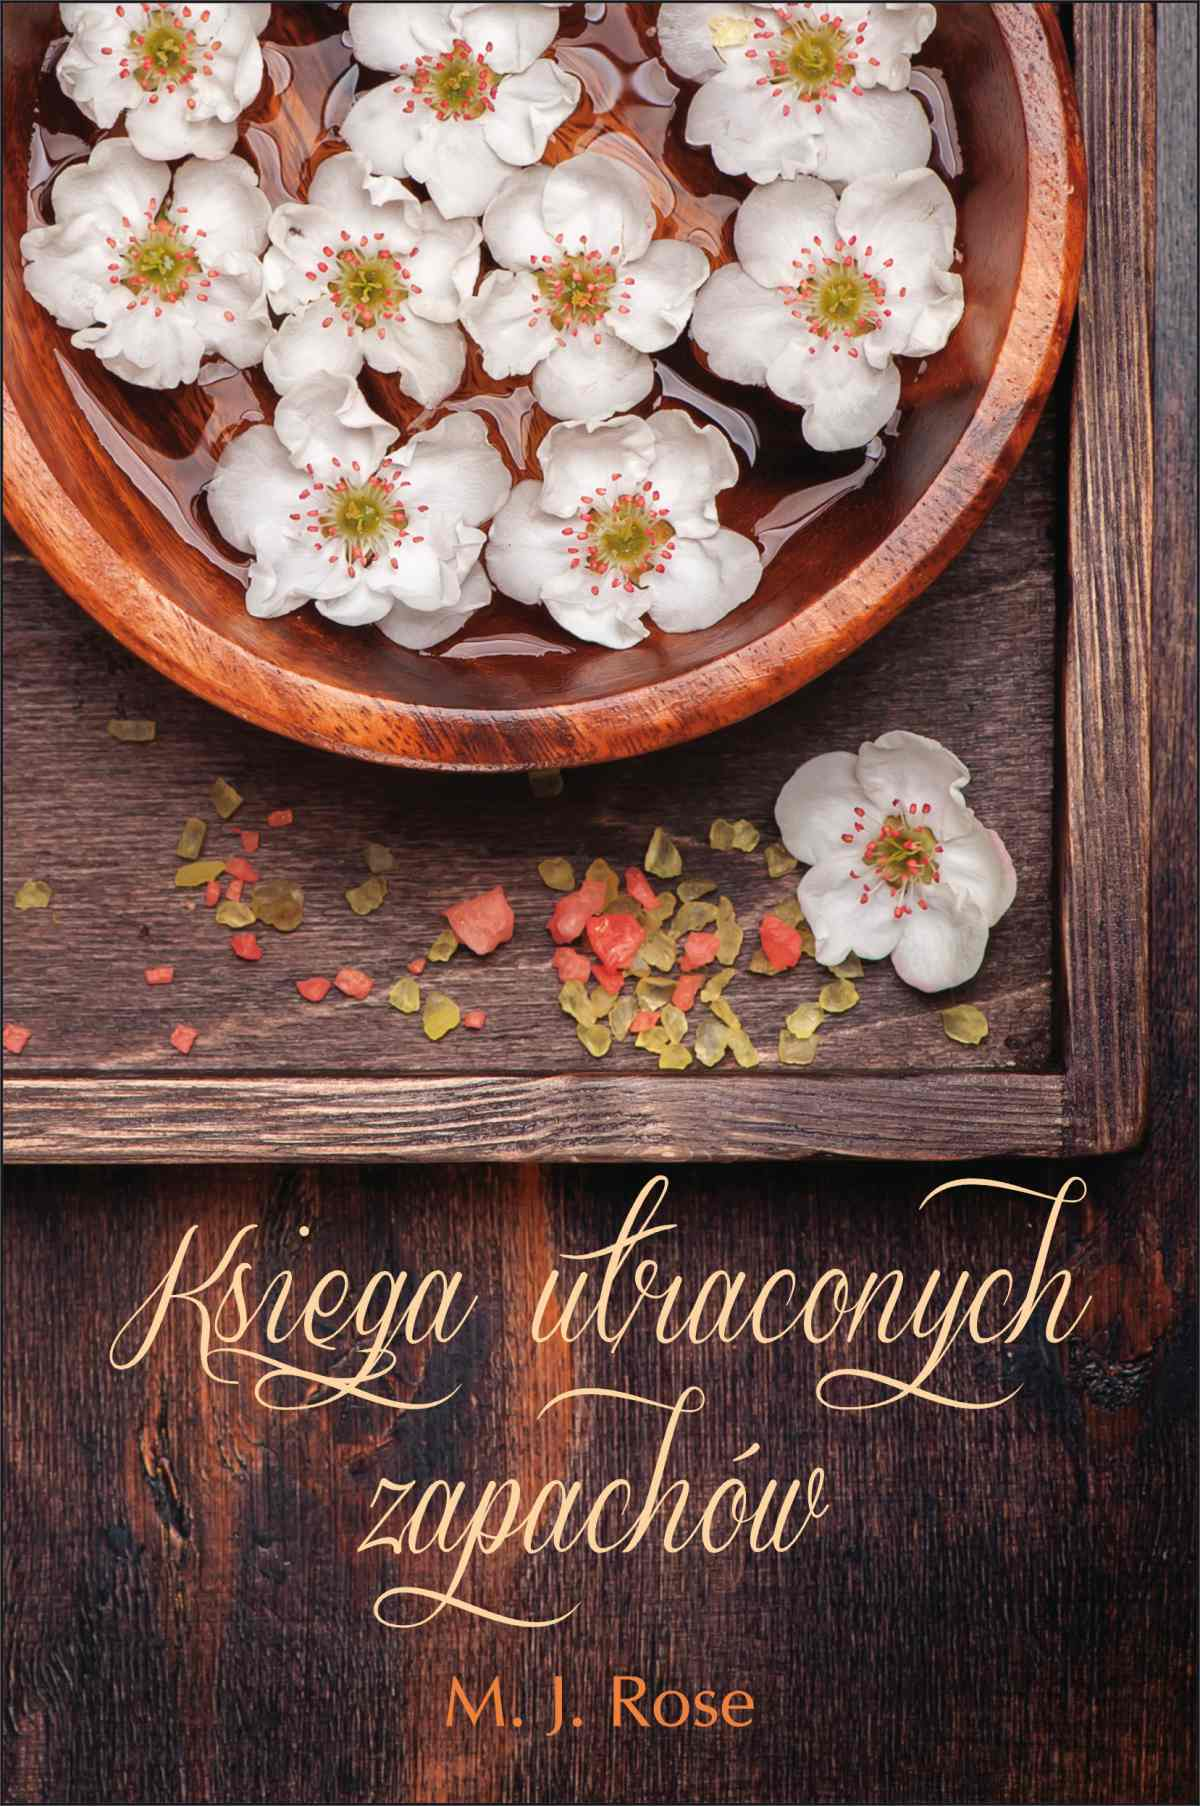 Księga utraconych zapachów - Ebook (Książka EPUB) do pobrania w formacie EPUB